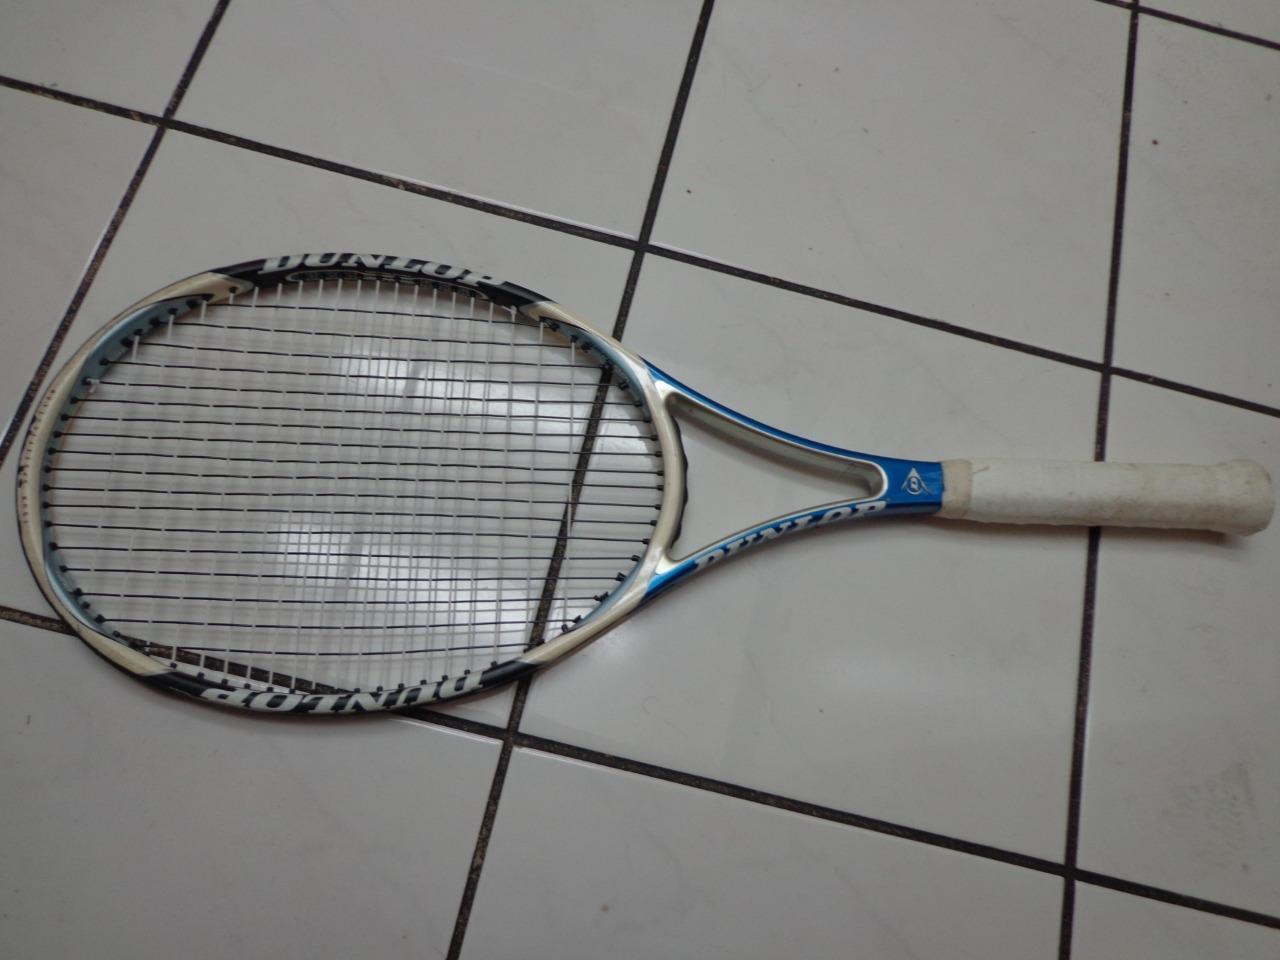 Dunlop Aerogel 200 95 head 18x20 4 1/4 grip Tennis Racquet